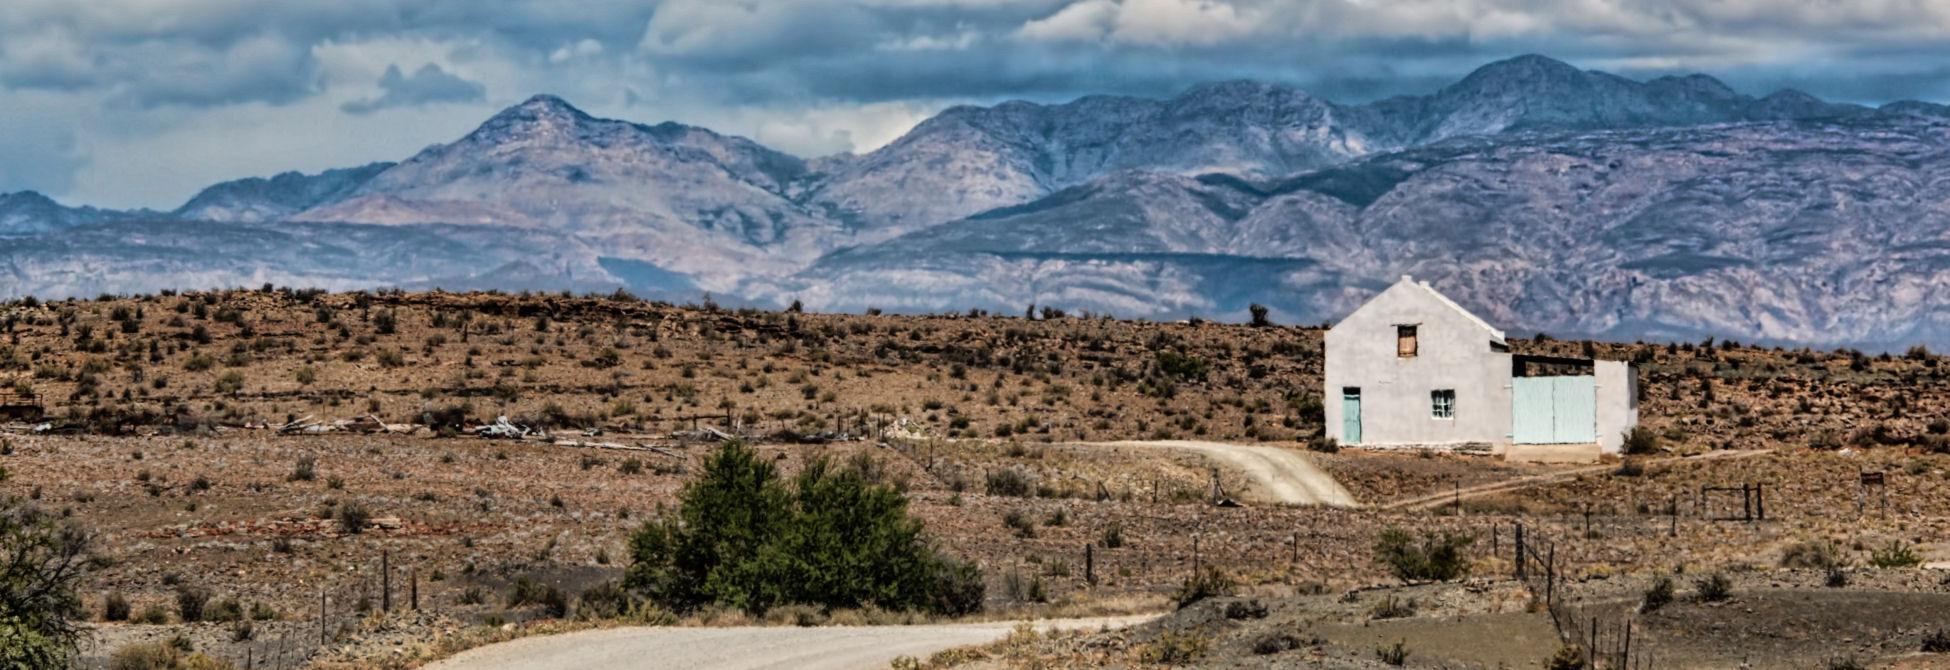 21 Days Northern Cape & Kalahari